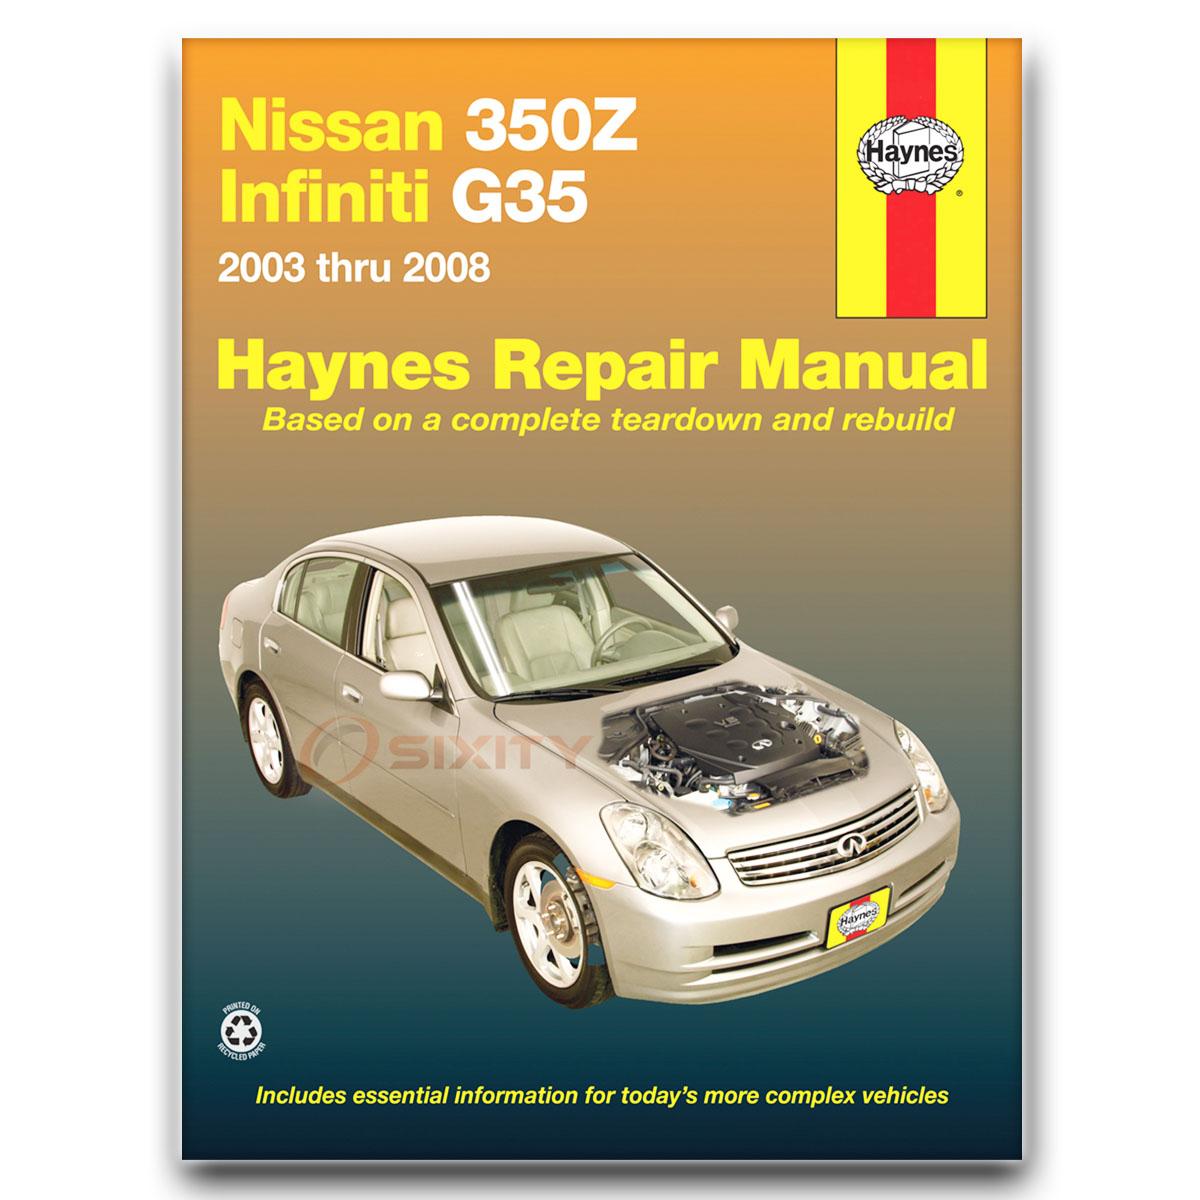 haynes nissan 350z infiniti g35 03 08 repair manual 72011 shop rh ebay com infiniti g35 repair manual infiniti g35 owners manual 2008